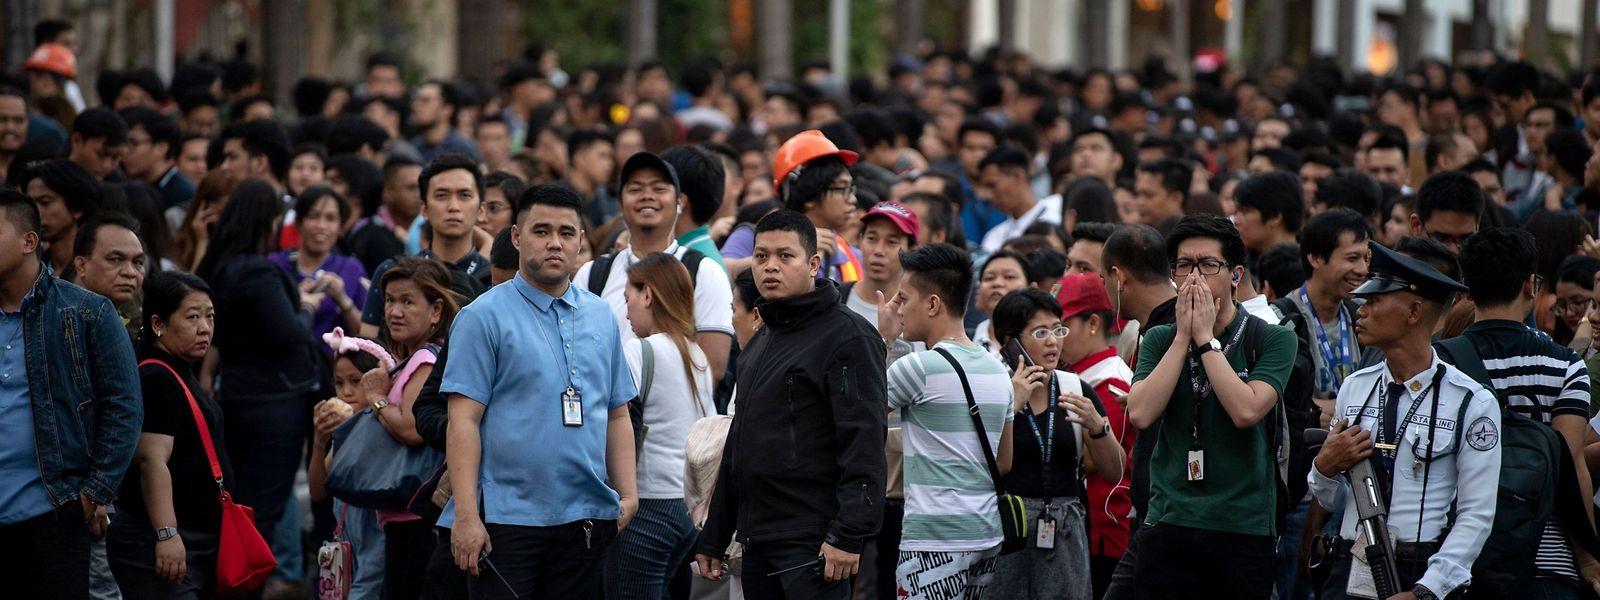 Menschen versammeln sich unter freiem Himmel in den Straßen von Manila, nach einem Erdbeben im Norden des Landes.